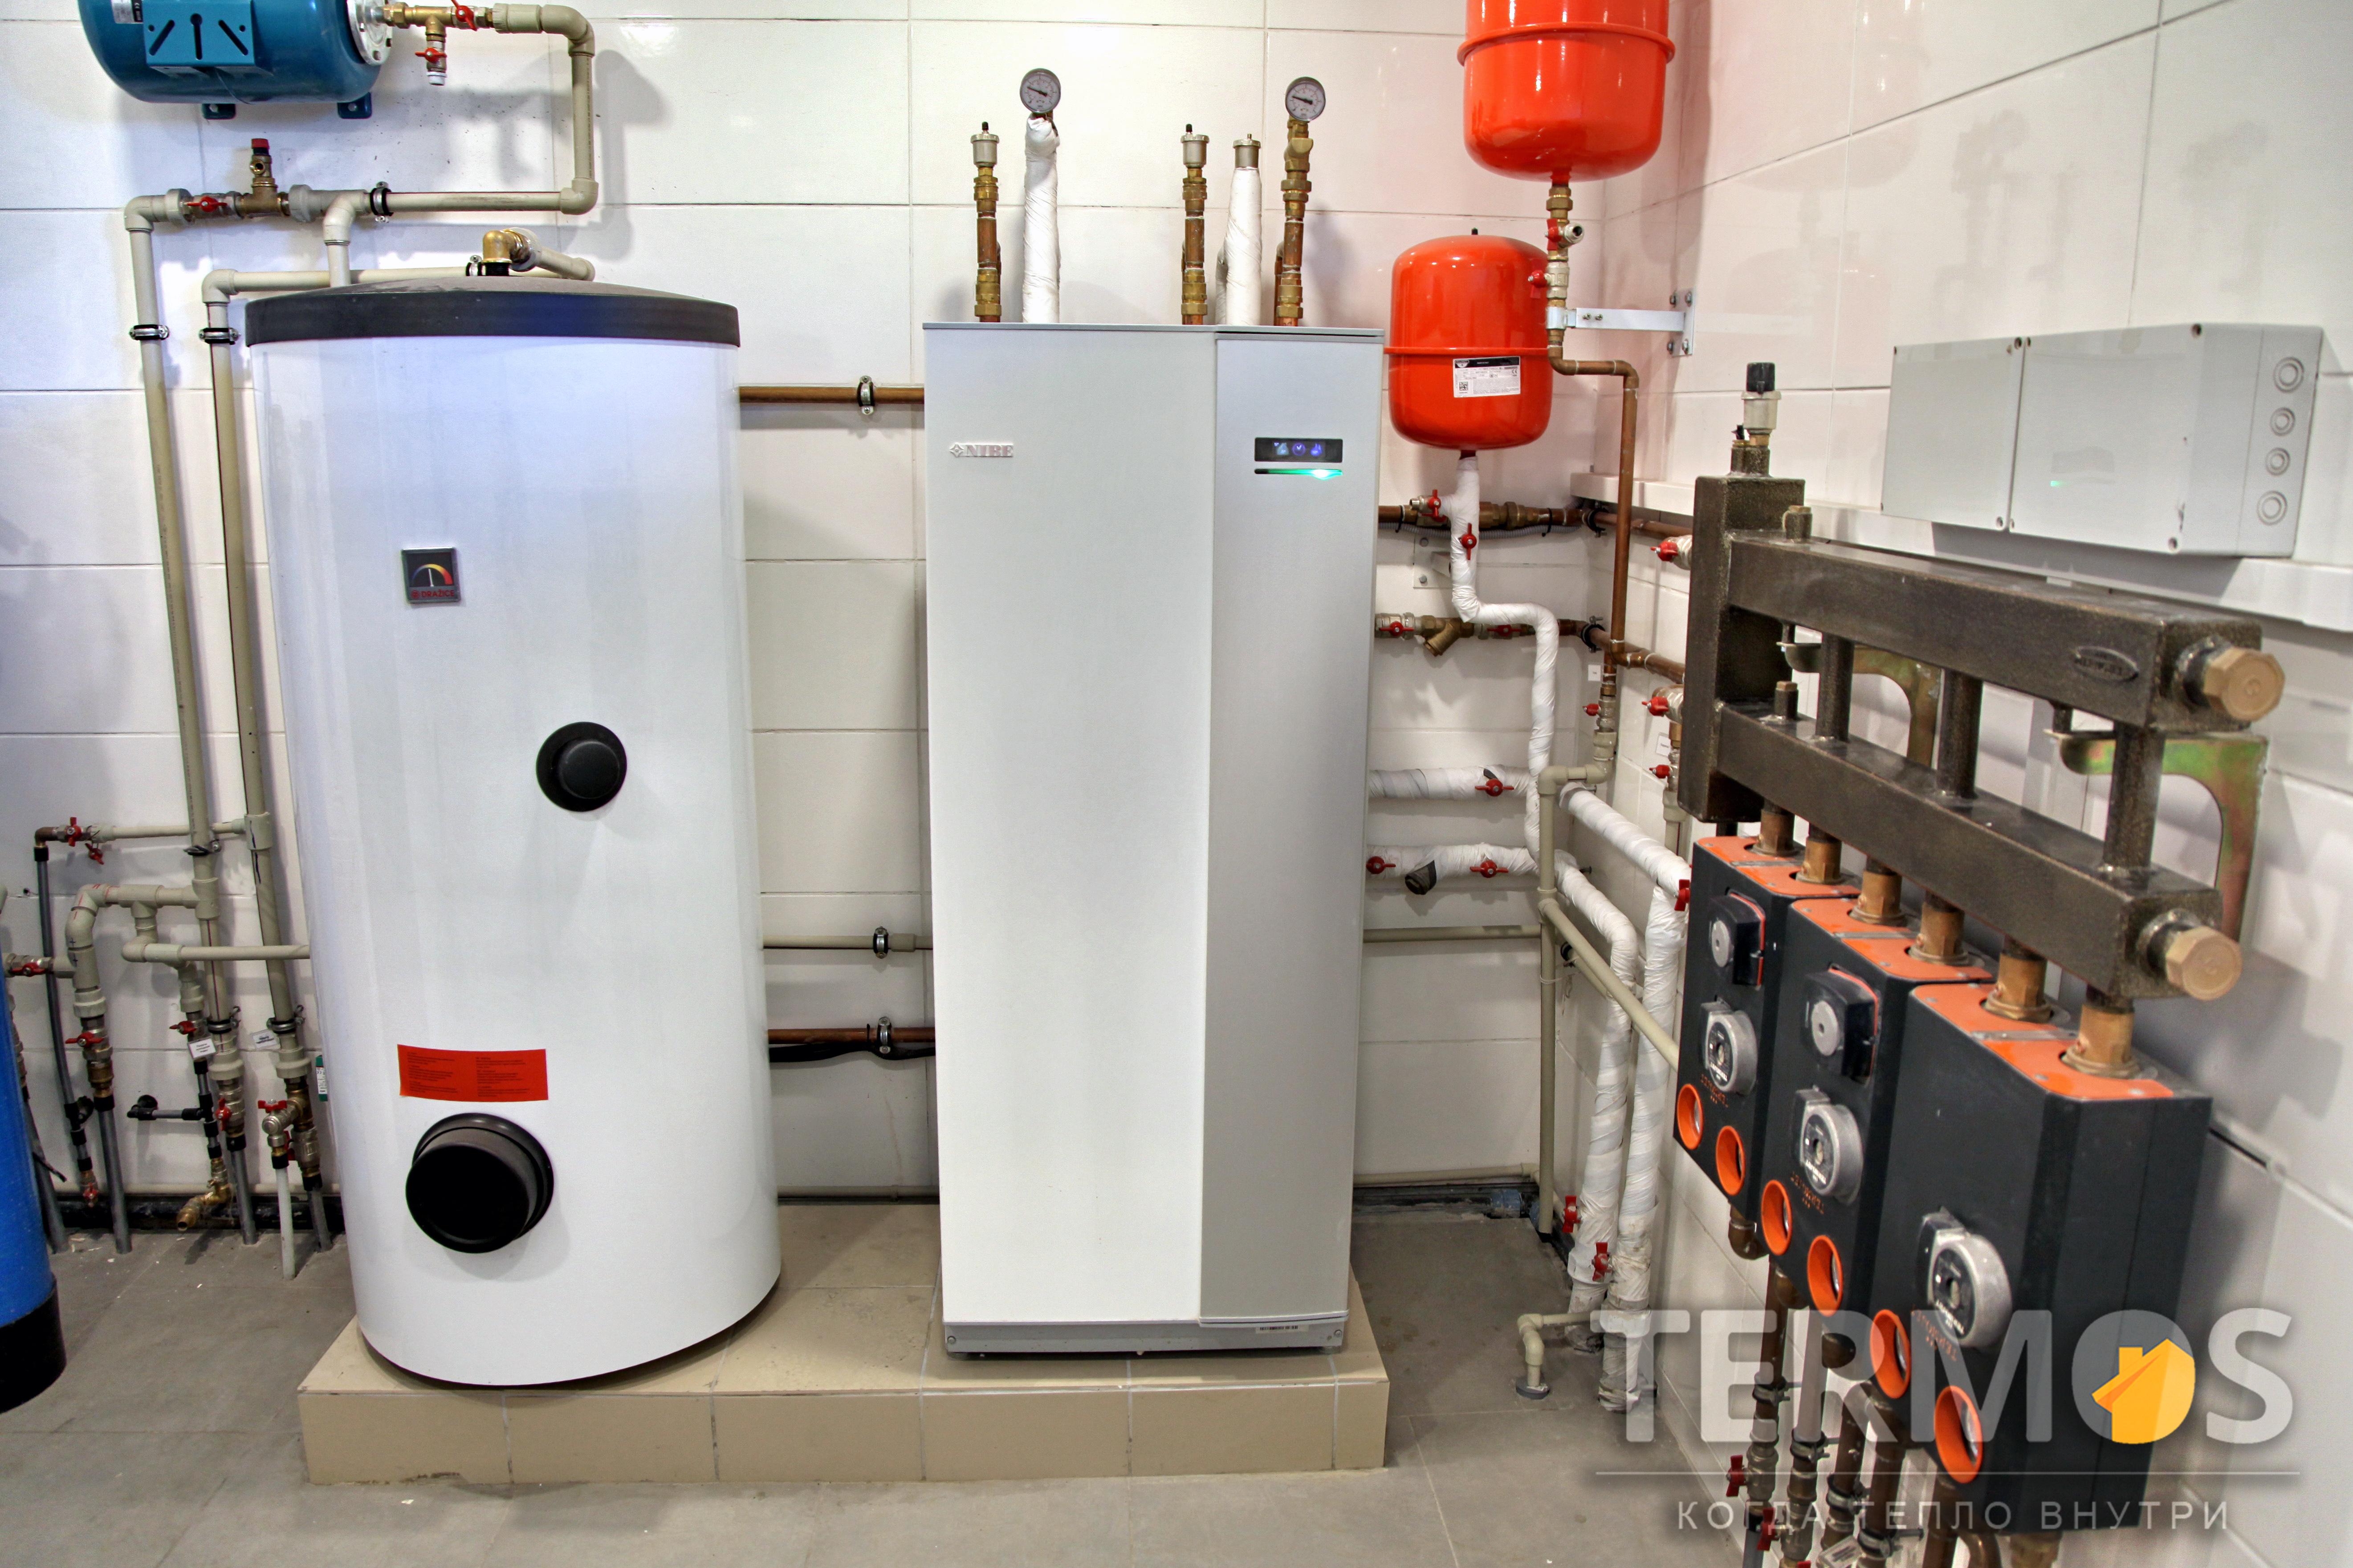 Дом 240 кв м. Тепловой насос NIBE (Швеция) 12 кВт, с 5 геотермальными скважинами по 50 м